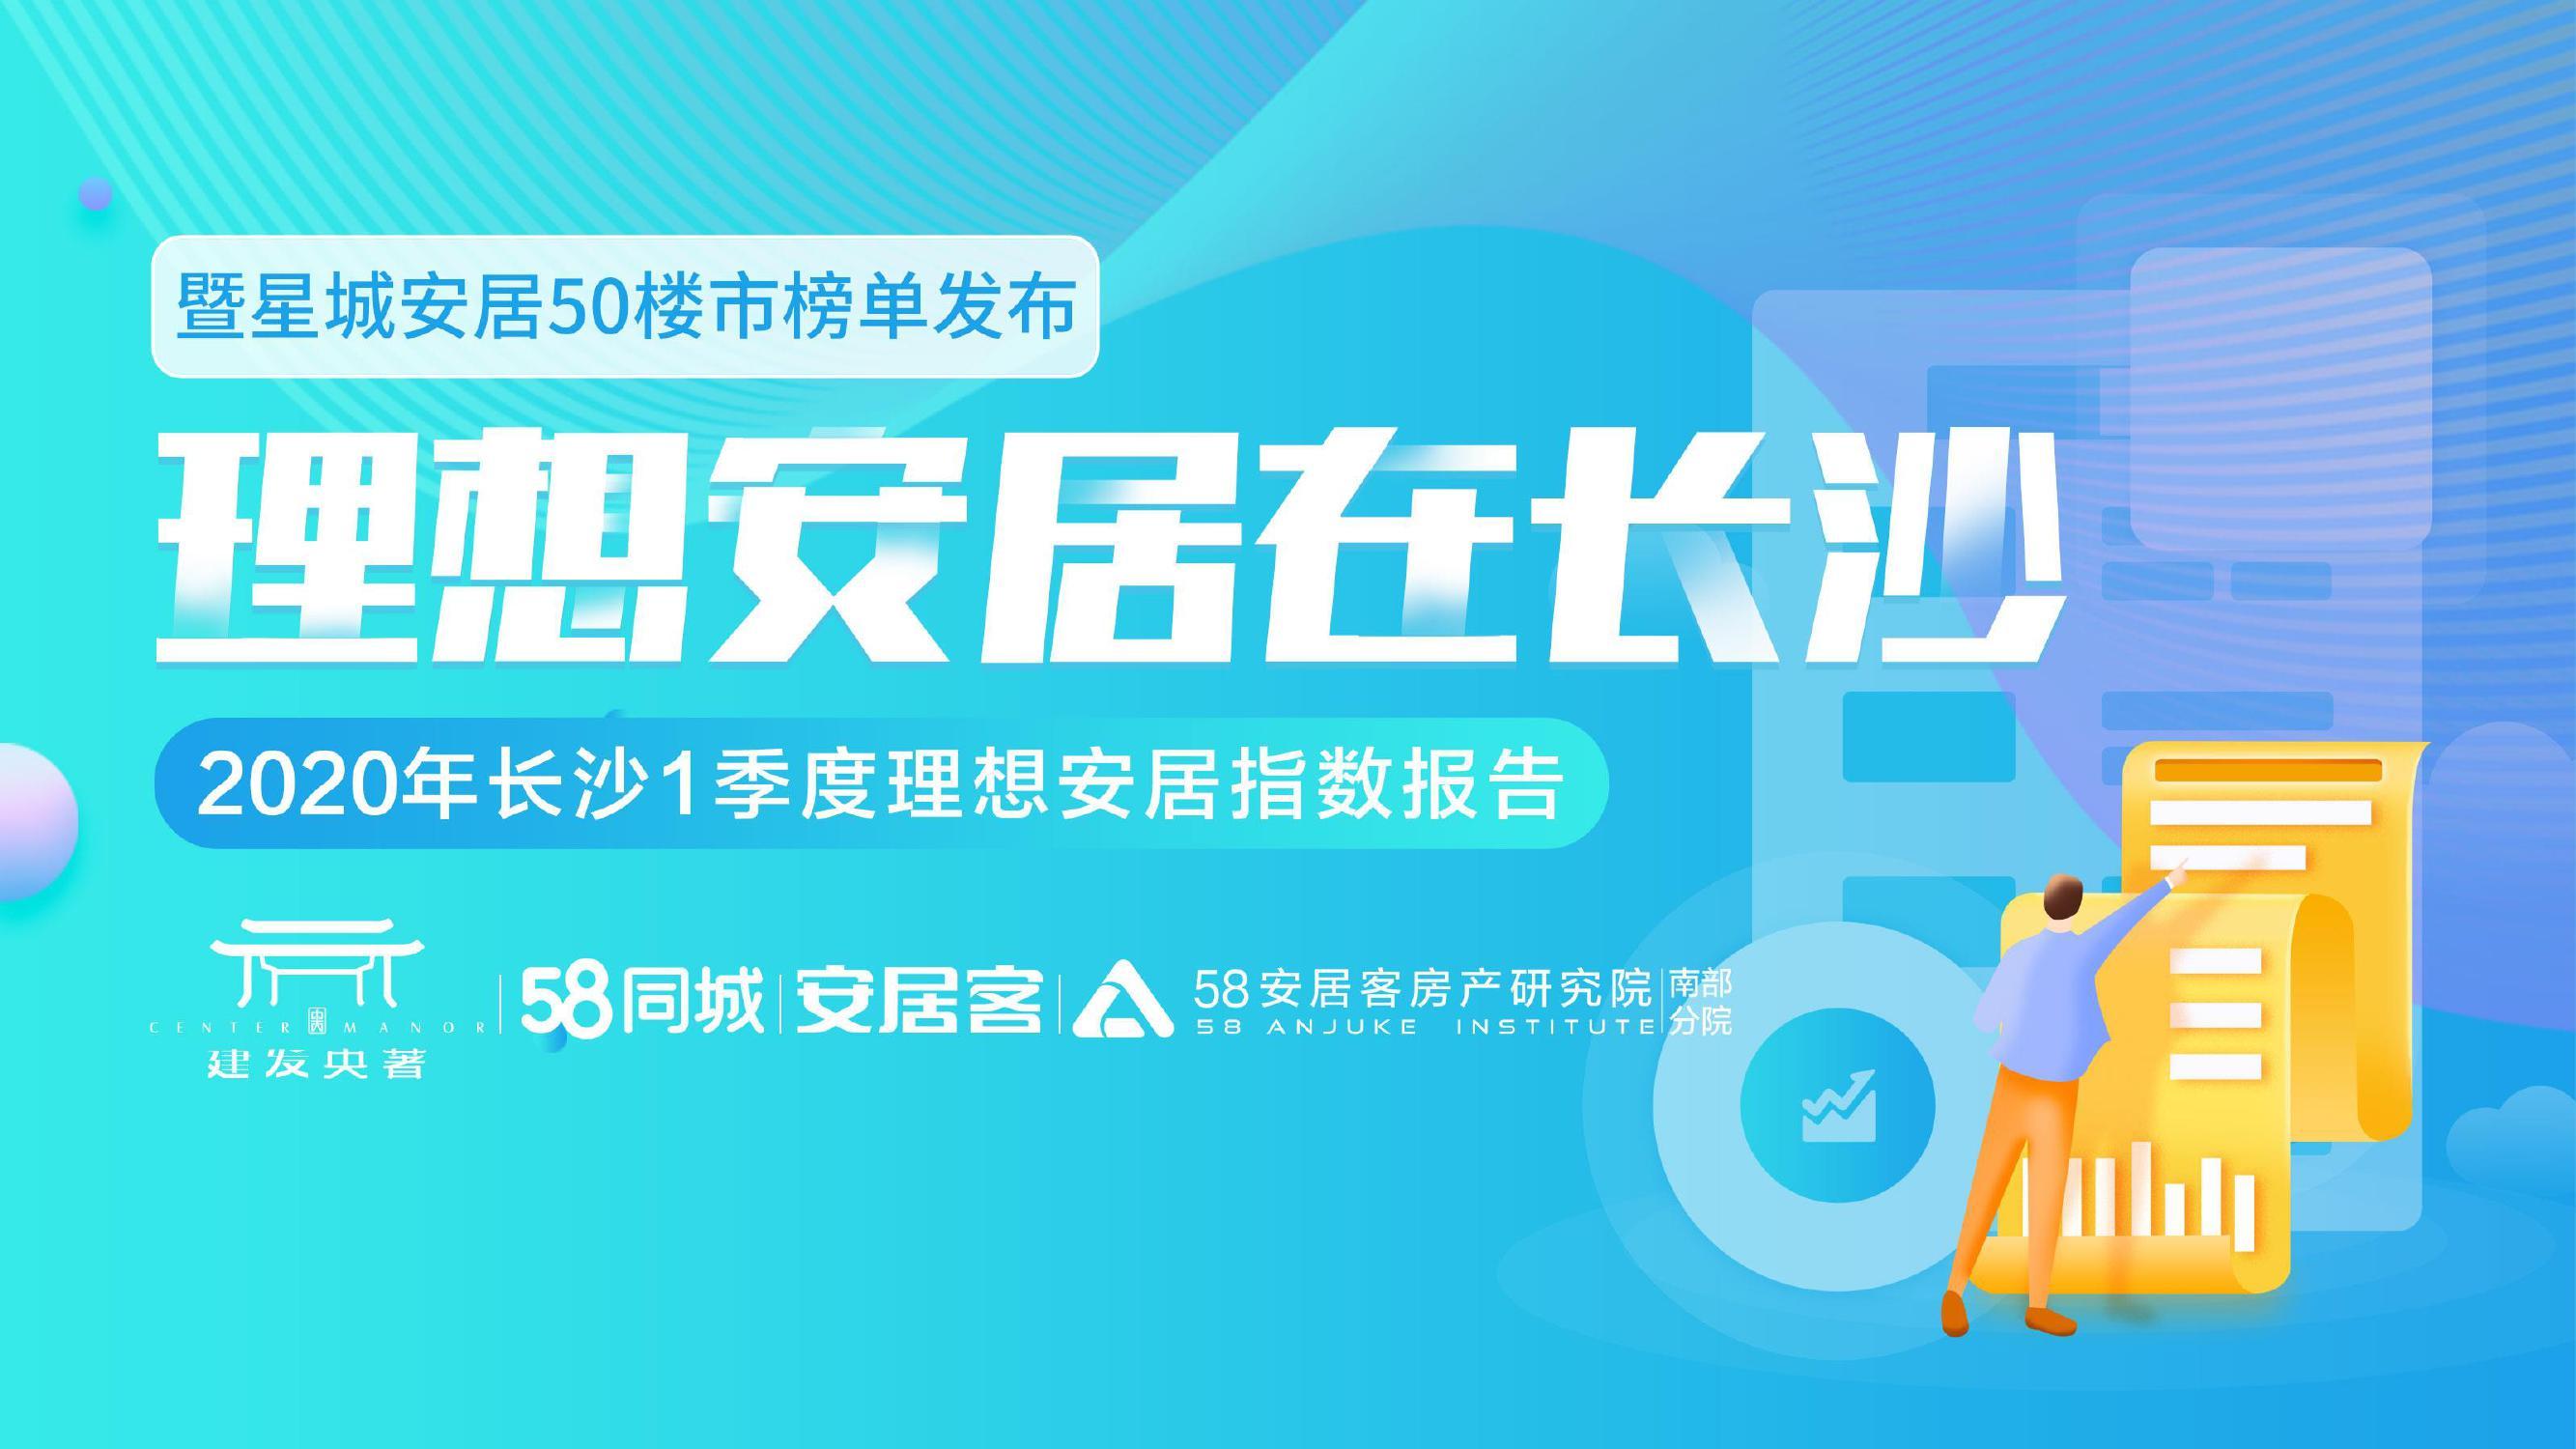 58安居客:2020年第一季度长沙理想安居指数报告(附下载)